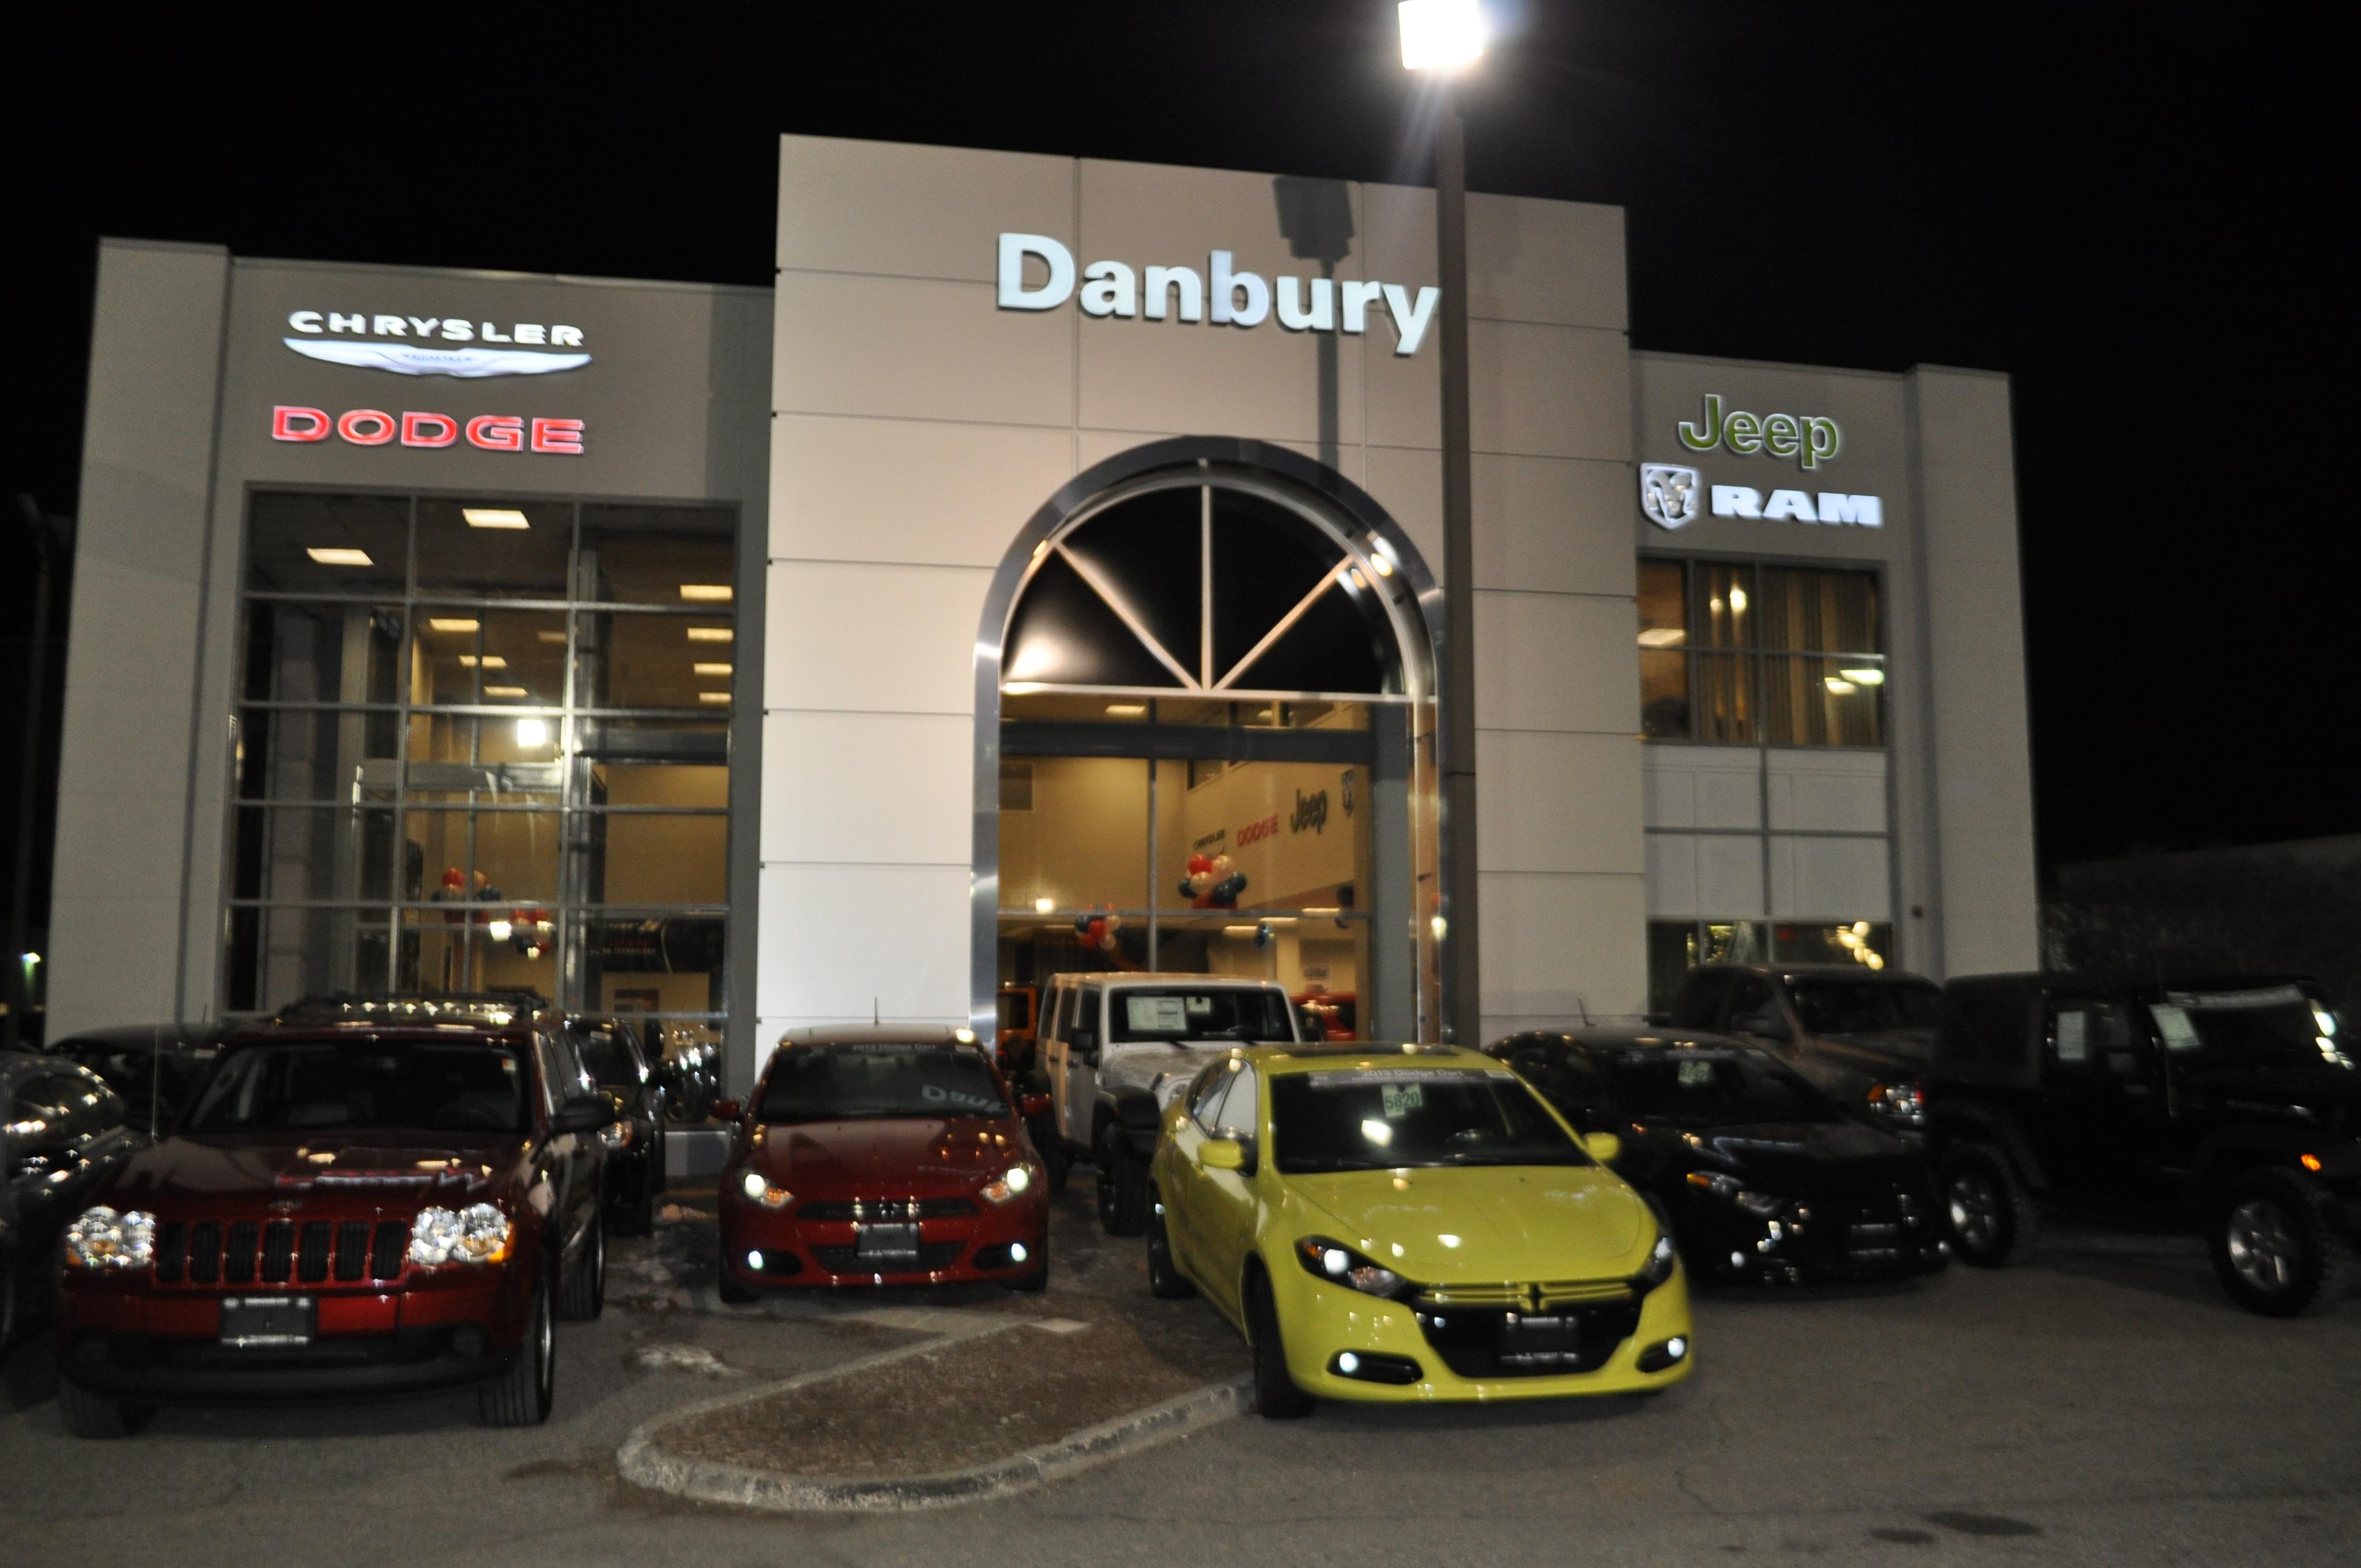 about danbury chrysler jeep dodge new chrysler jeep dodge used car dealer norwalk. Black Bedroom Furniture Sets. Home Design Ideas